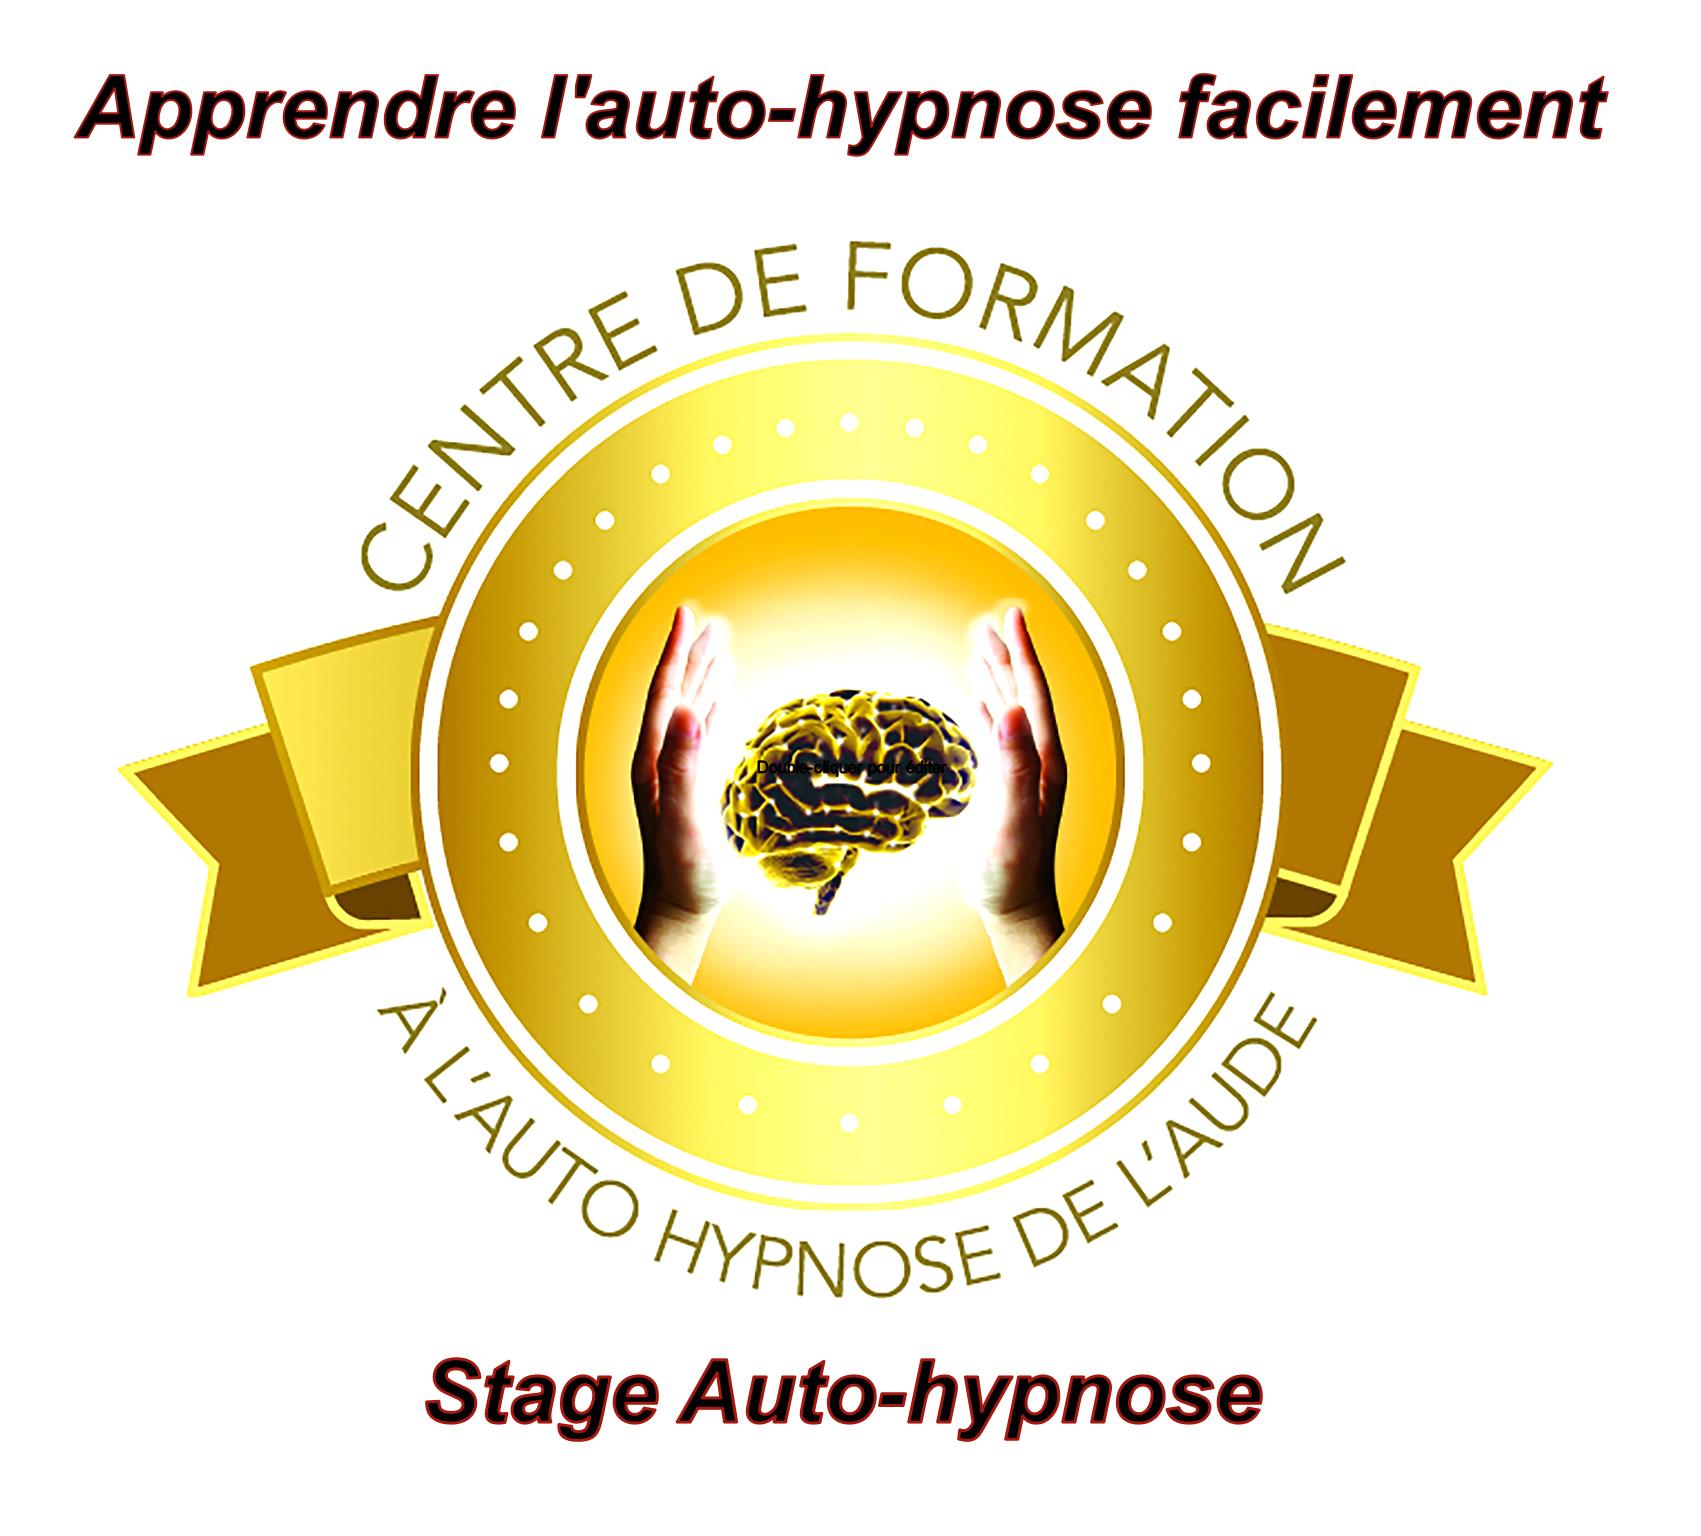 Apprendre l'auto hypnose